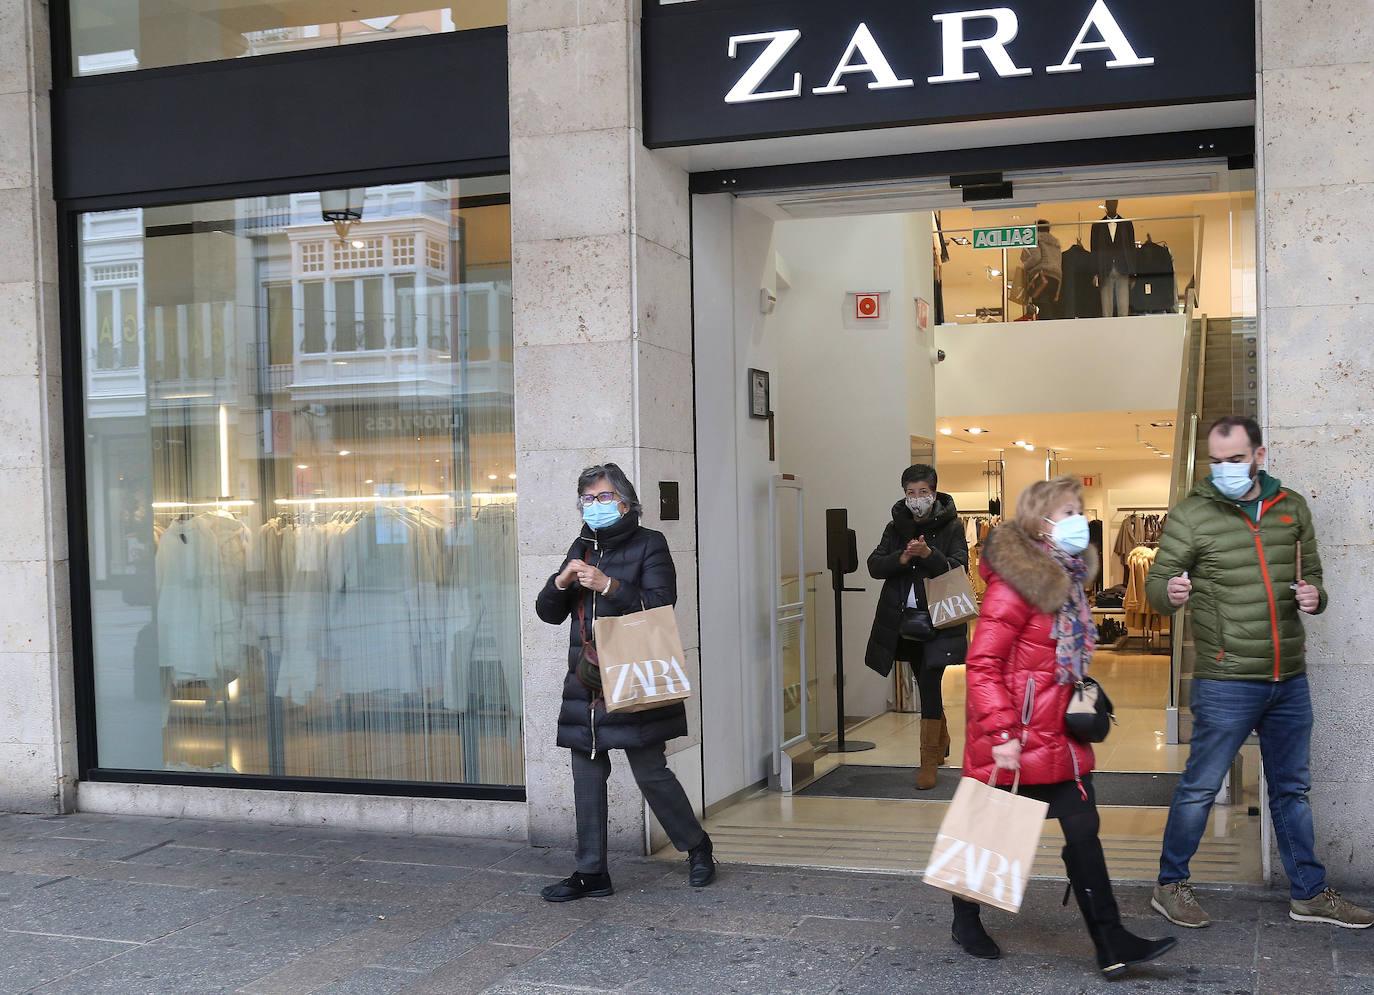 Zara No Espera A Febrero Y Adelanta Al Día 23 El Cierre De Su Tienda De La Calle Mayor De Palencia El Norte De Castilla